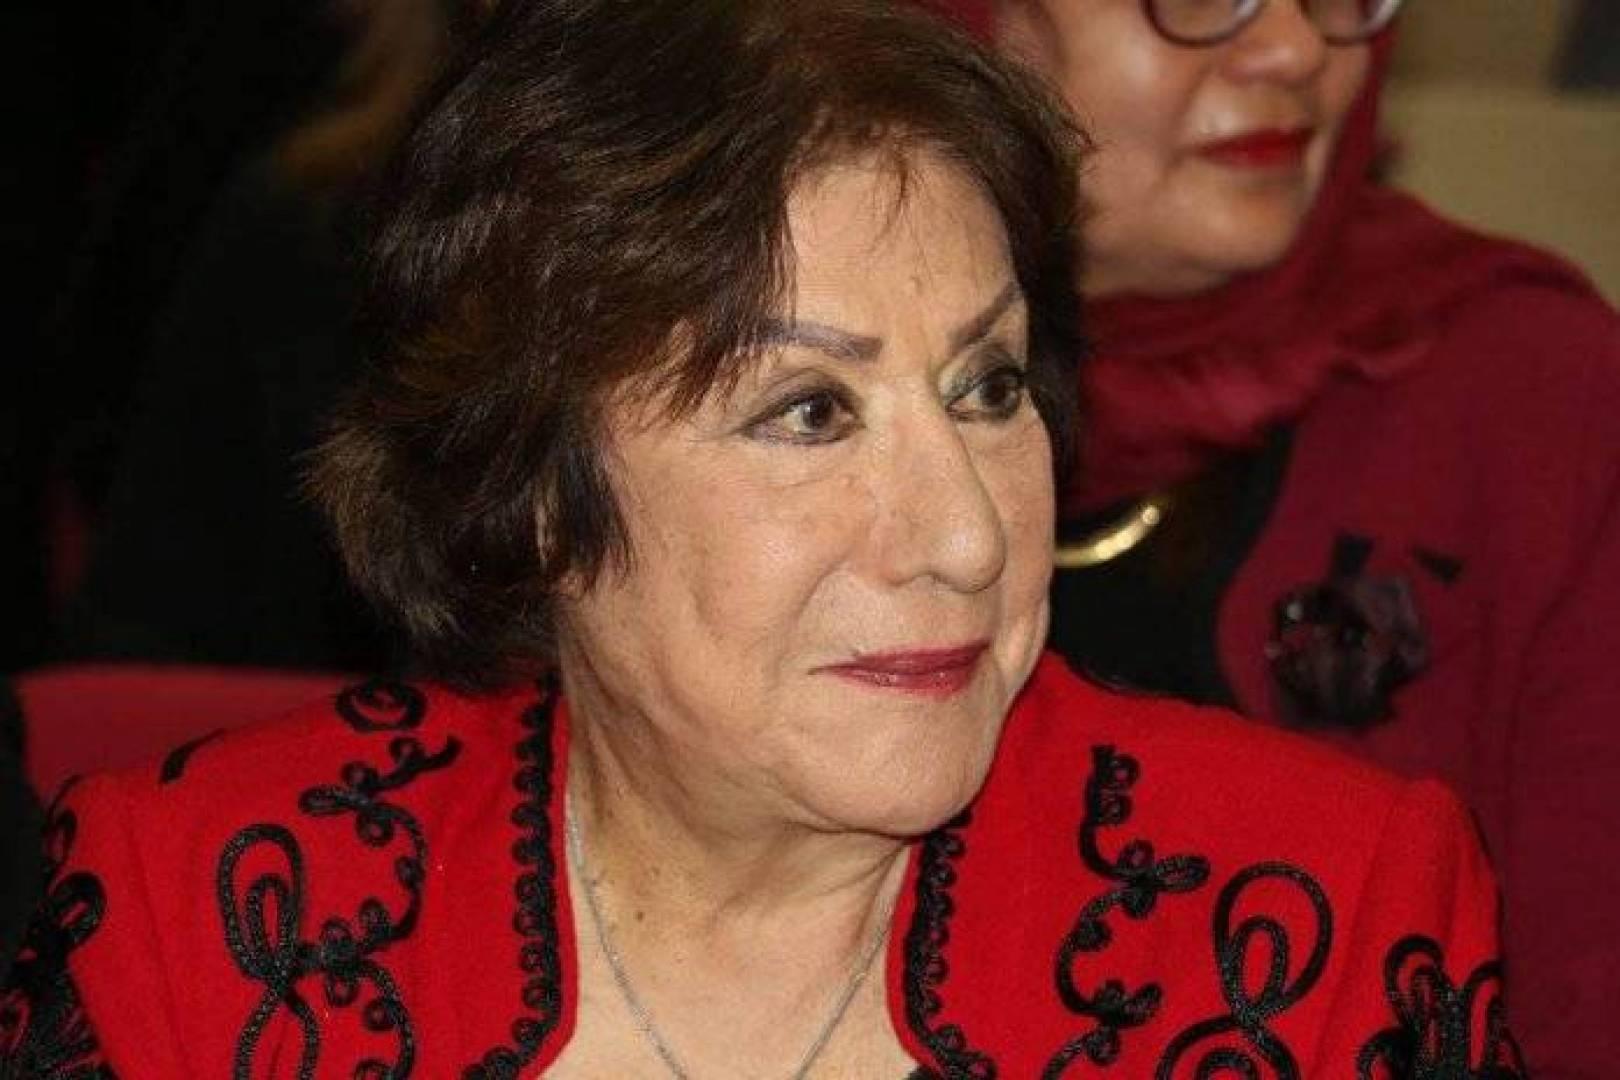 تسبب الفنانة سميحة أيوب في حبس مدير أعمالها المخرج أحمد النحاس، بعد أن اتهمته بسرقتها فما كان منه إلا أن يكشف عن كواليس زواجهما العرفي منذ 18 عاماً.